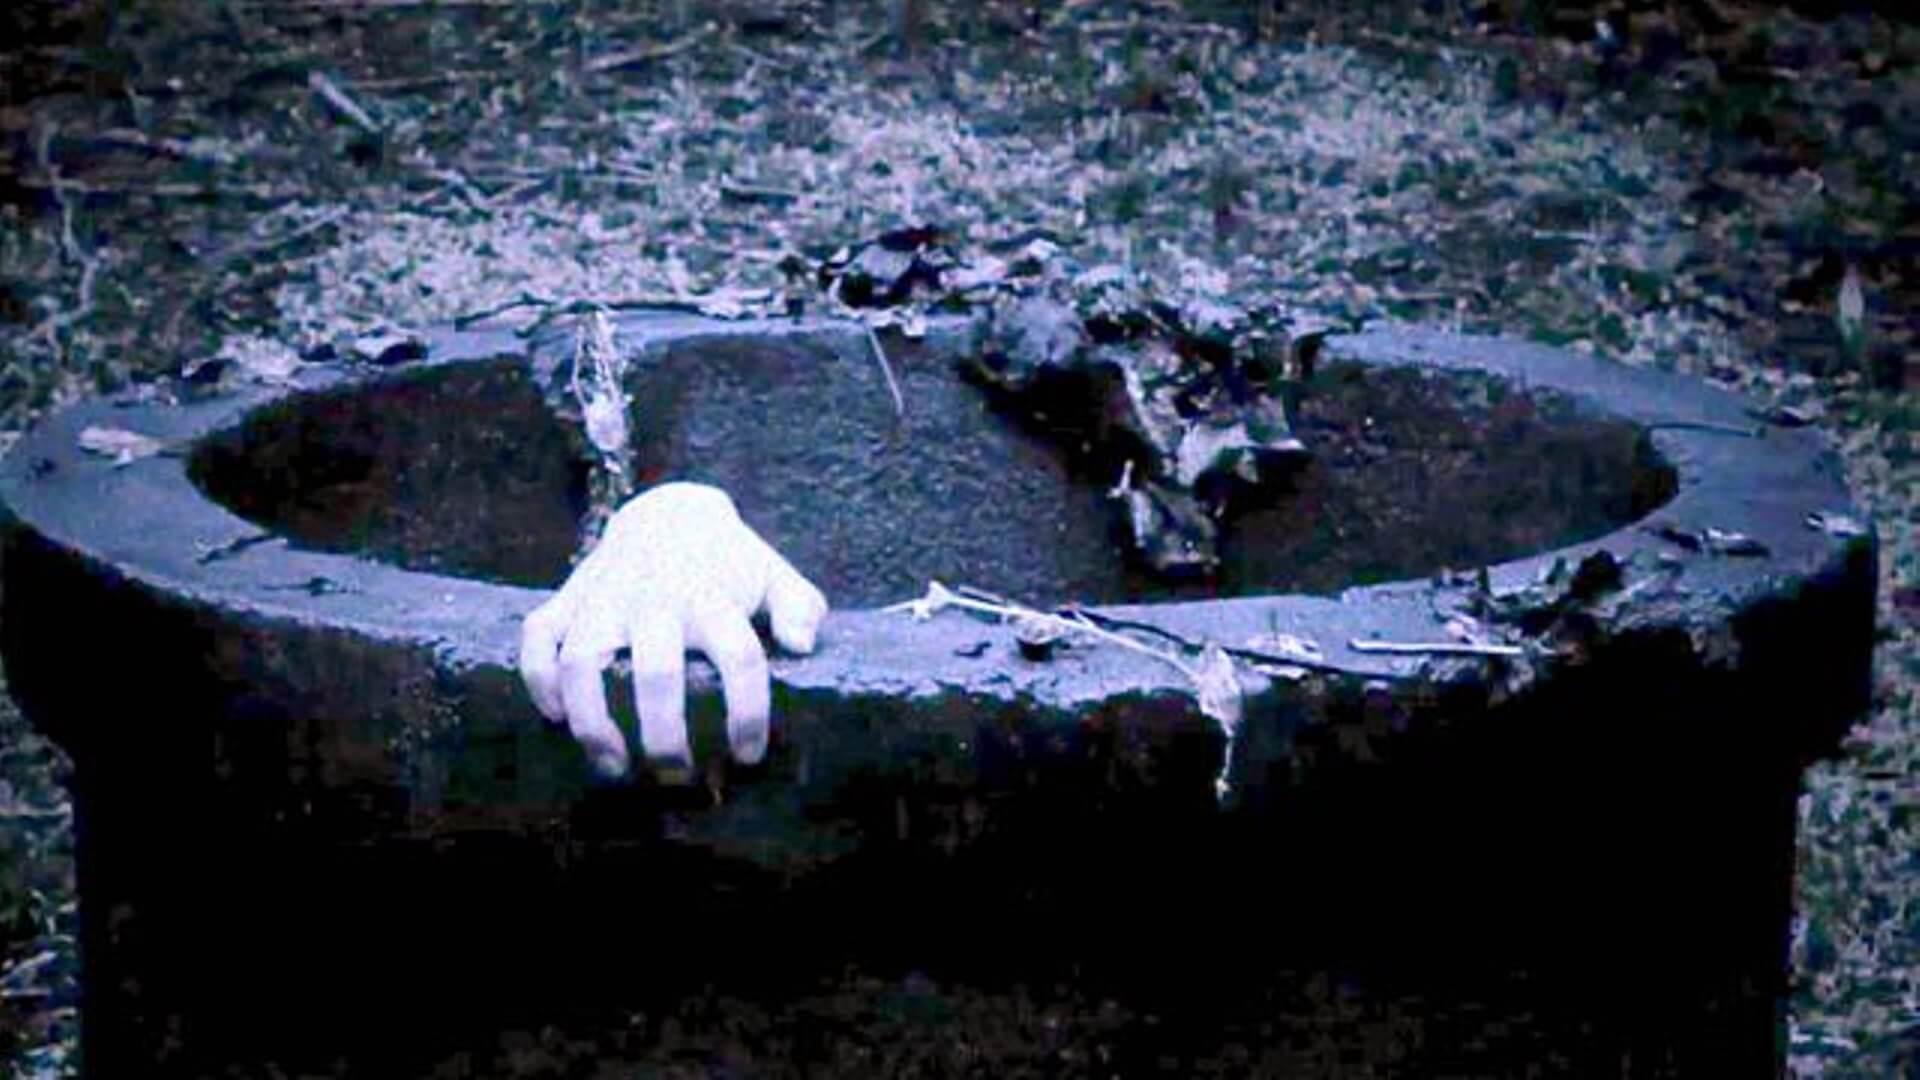 日本電影《咒怨》中,女鬼貞子從井裡爬出的畫面堪稱恐怖經典。